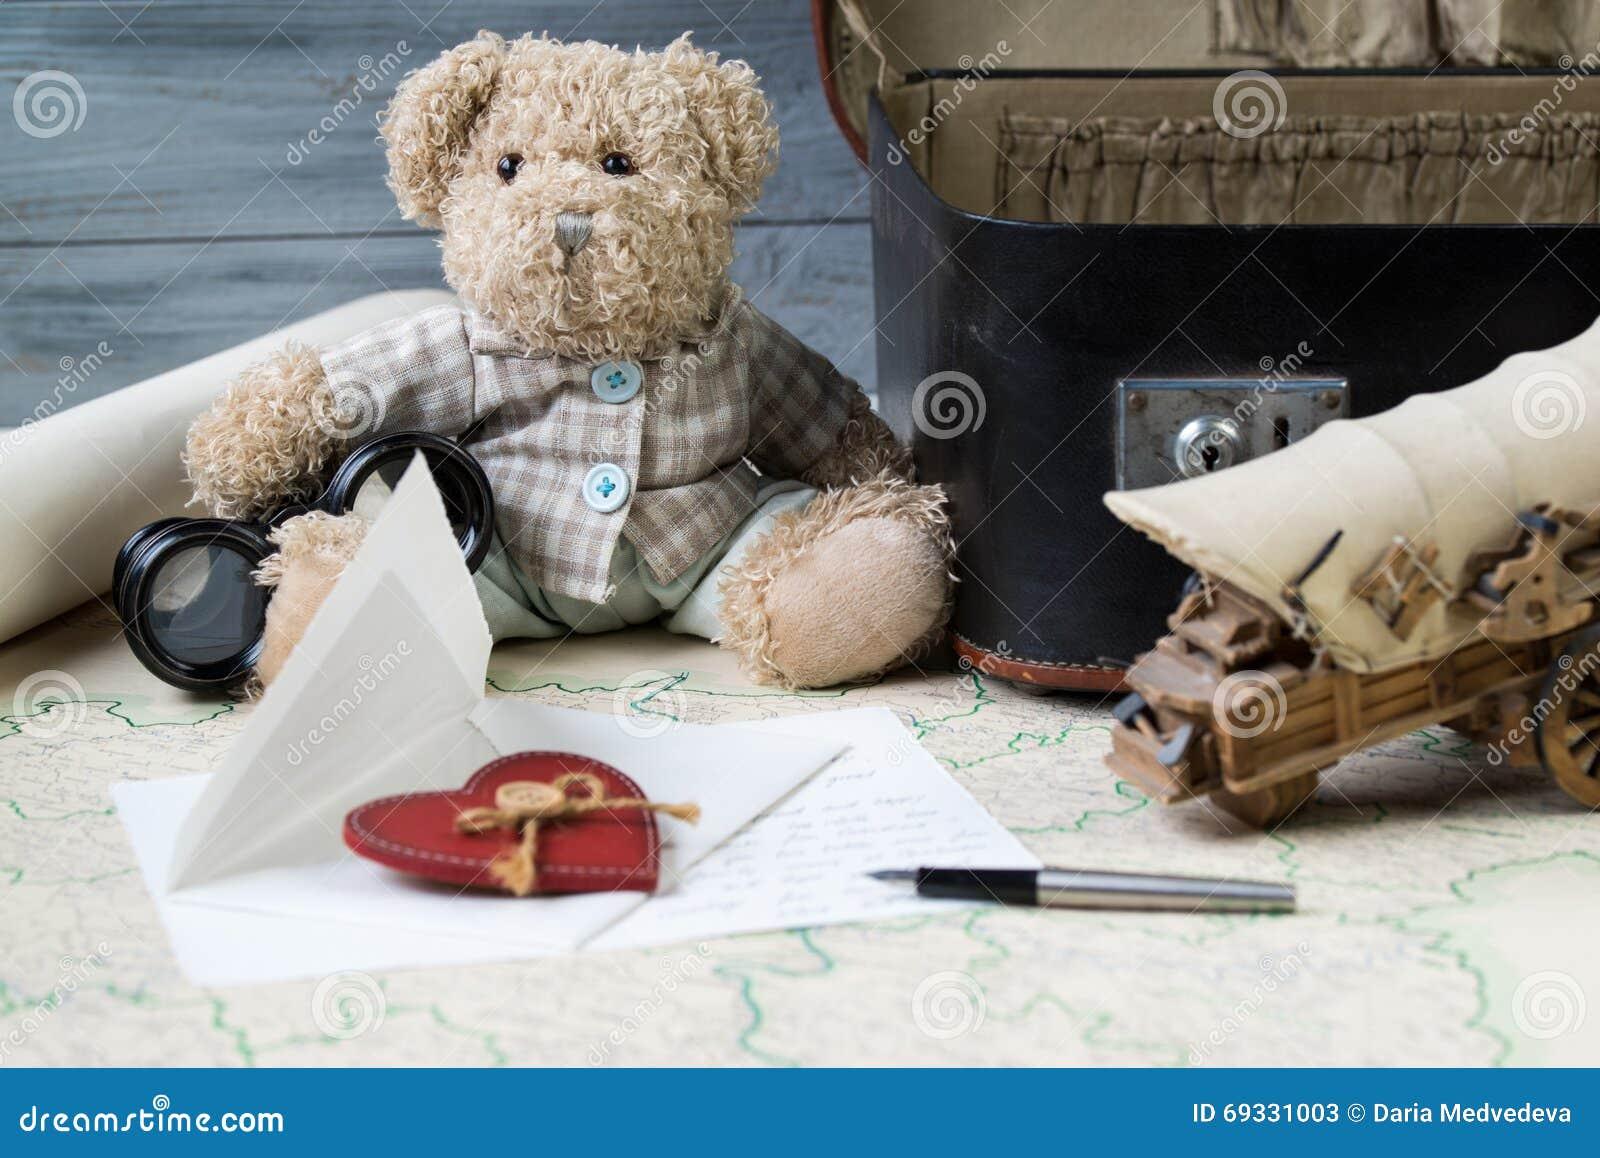 Έννοια ταξιδιού, teddy αρκούδα με τις παλαιές διόπτρες και βαλίτσα στον παλαιό χάρτη με την επιστολή και μια μάνδρα πηγών